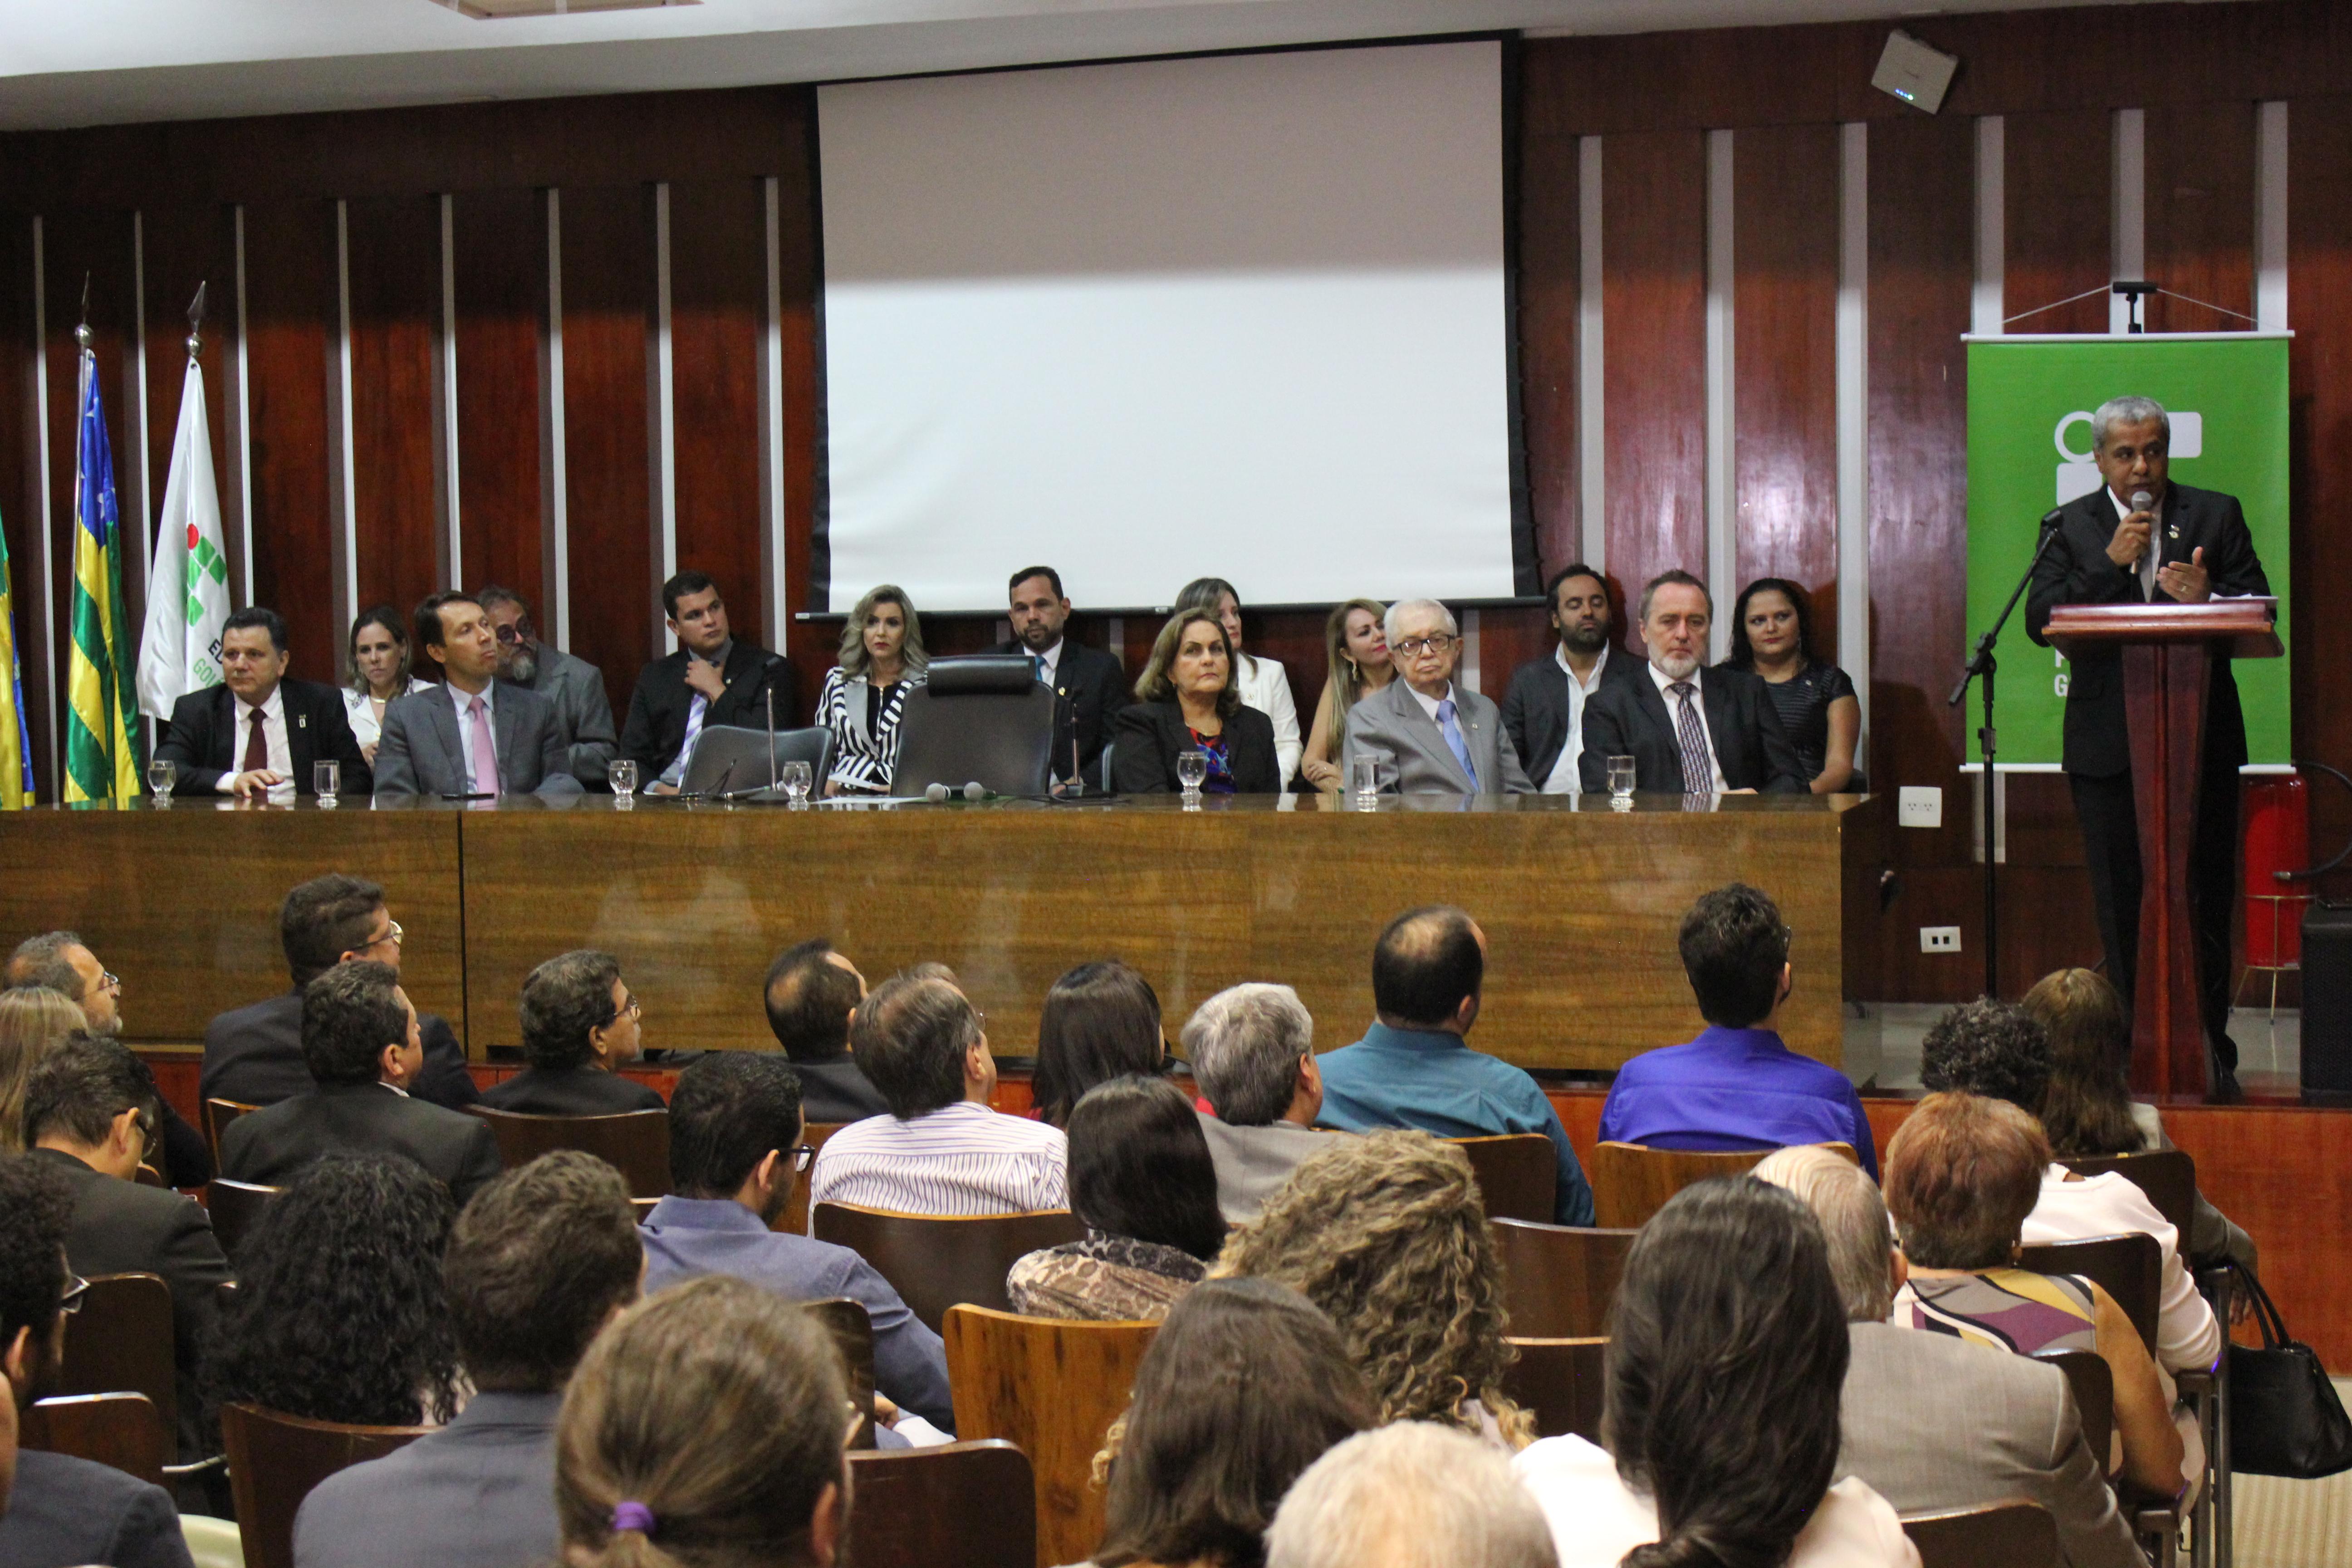 O reitor do IFG agradeceu aos ex-diretores dos câmpus e disse contar com o apoio integral dos dirigentes empossados